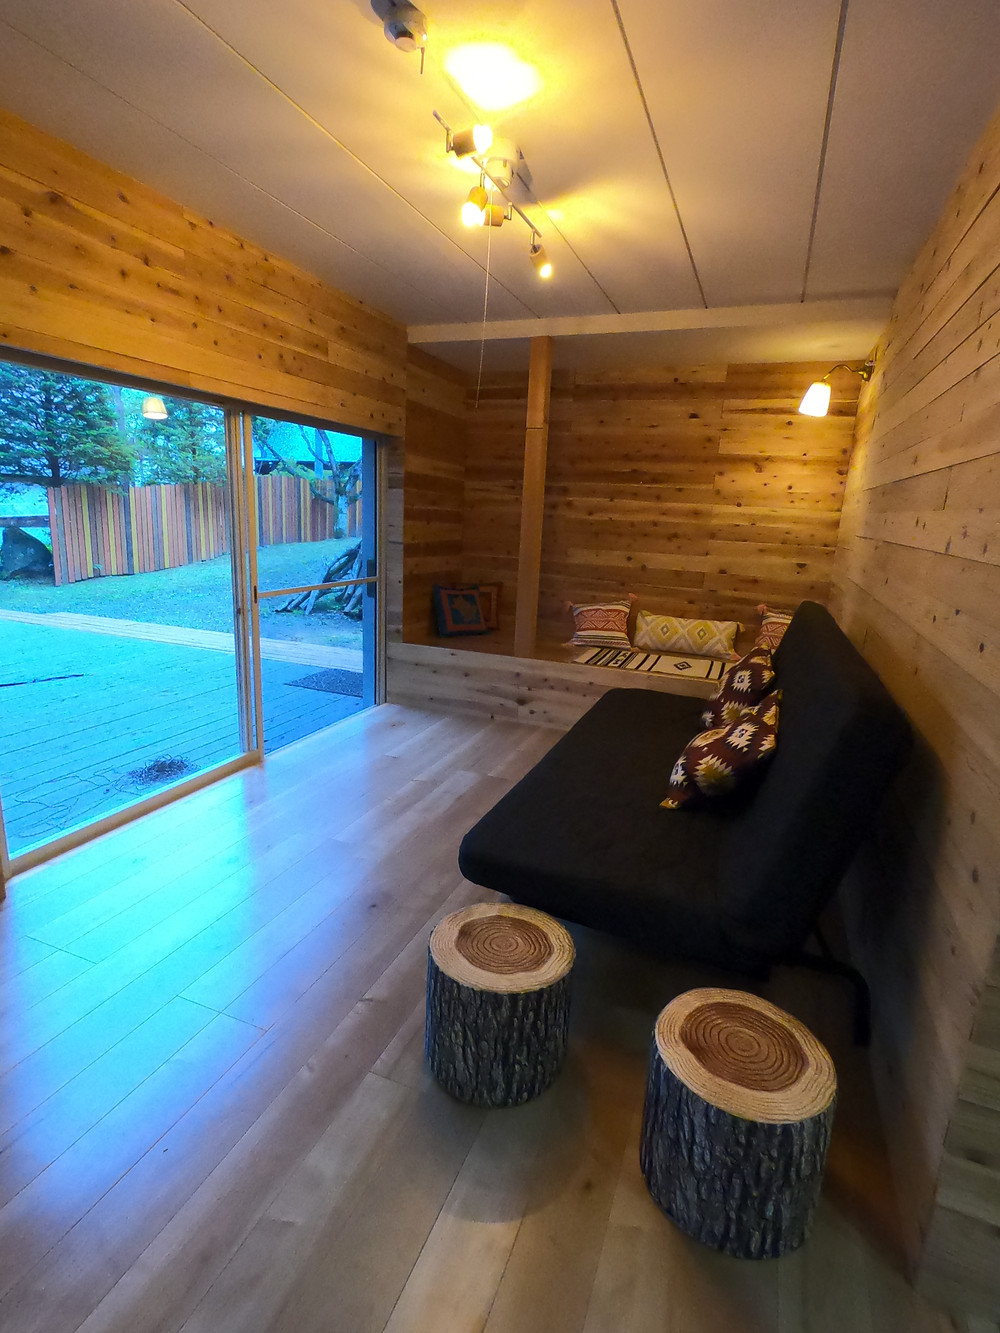 みなかみ キャンプ  グランピング ワオグラ コテージ airbnb エアービーアンドビー